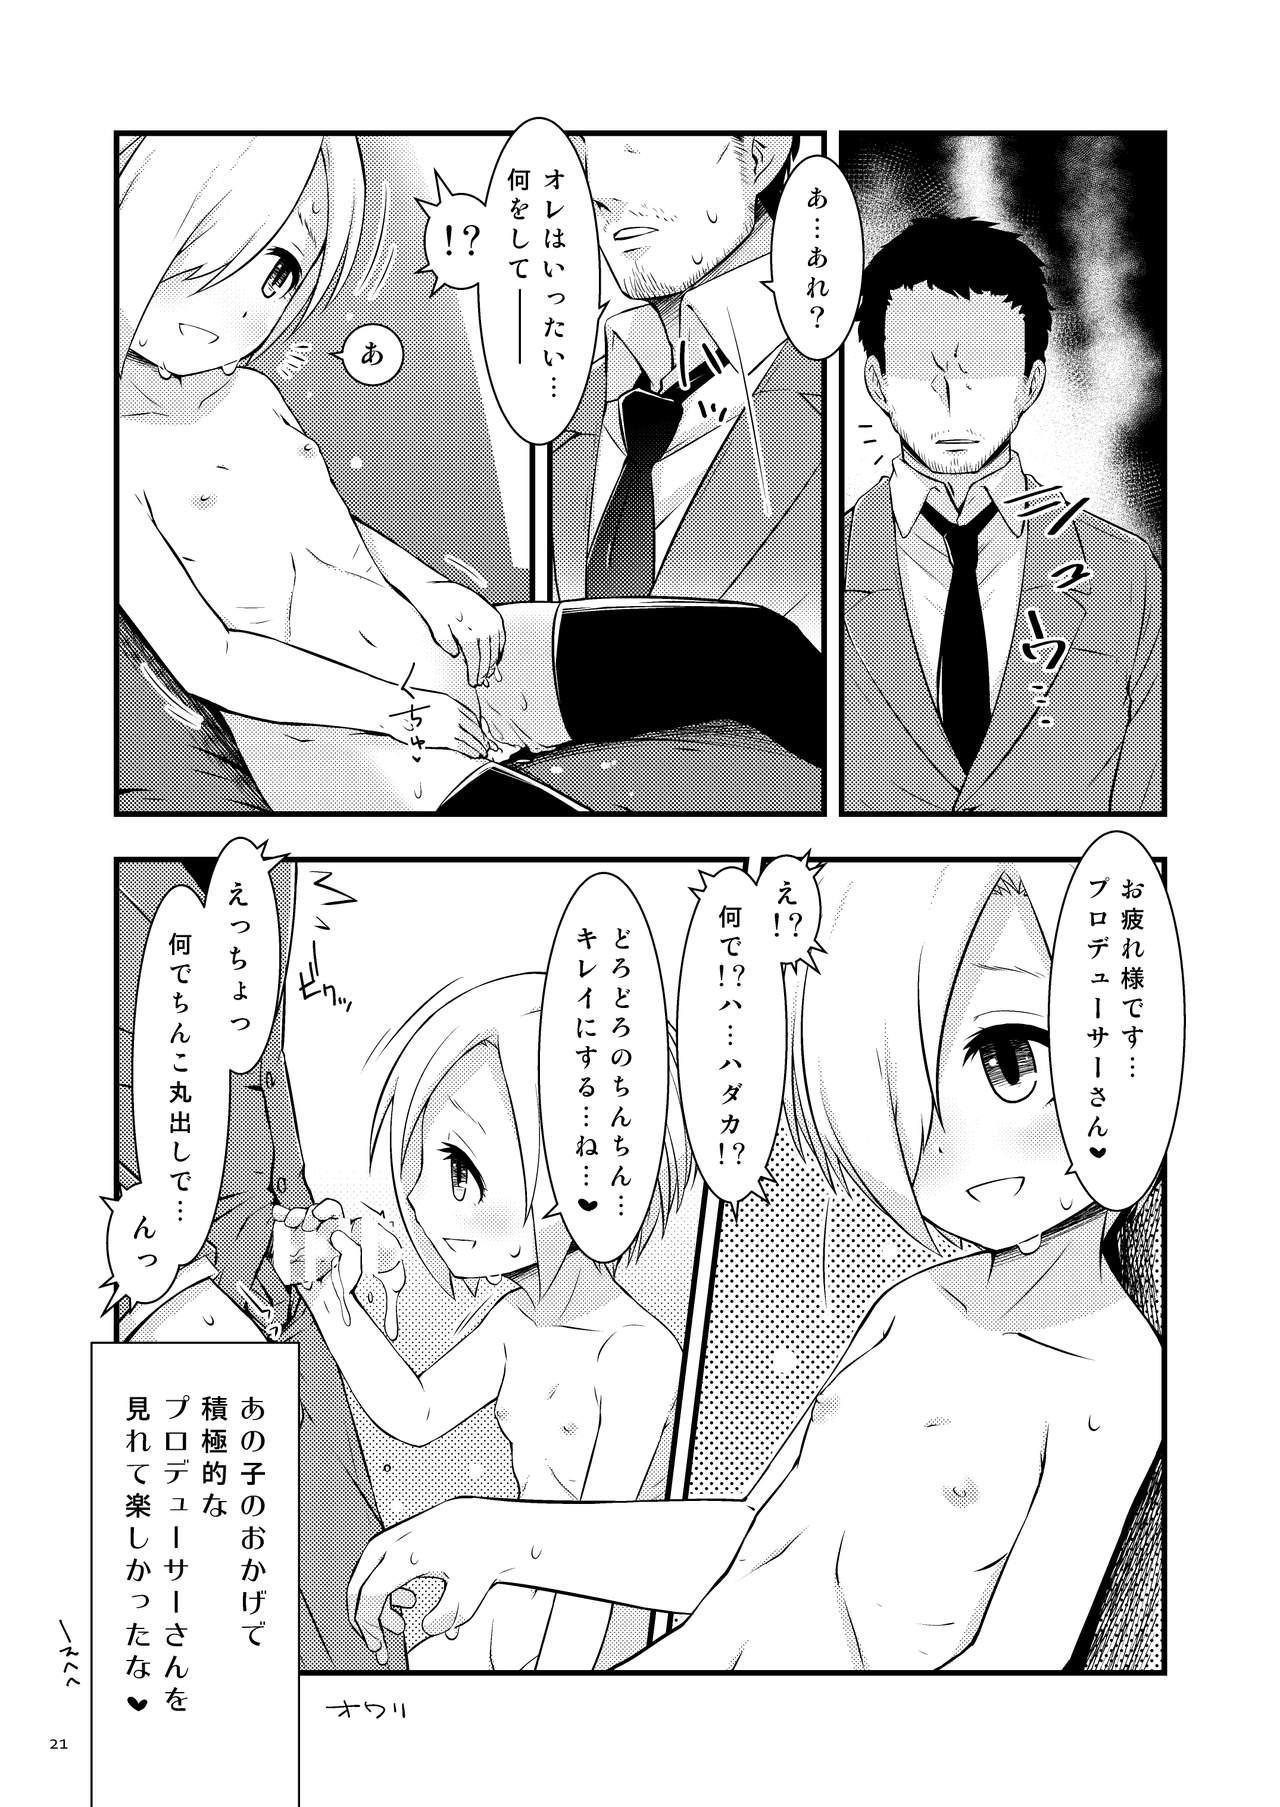 Koume-chan DIARY 19